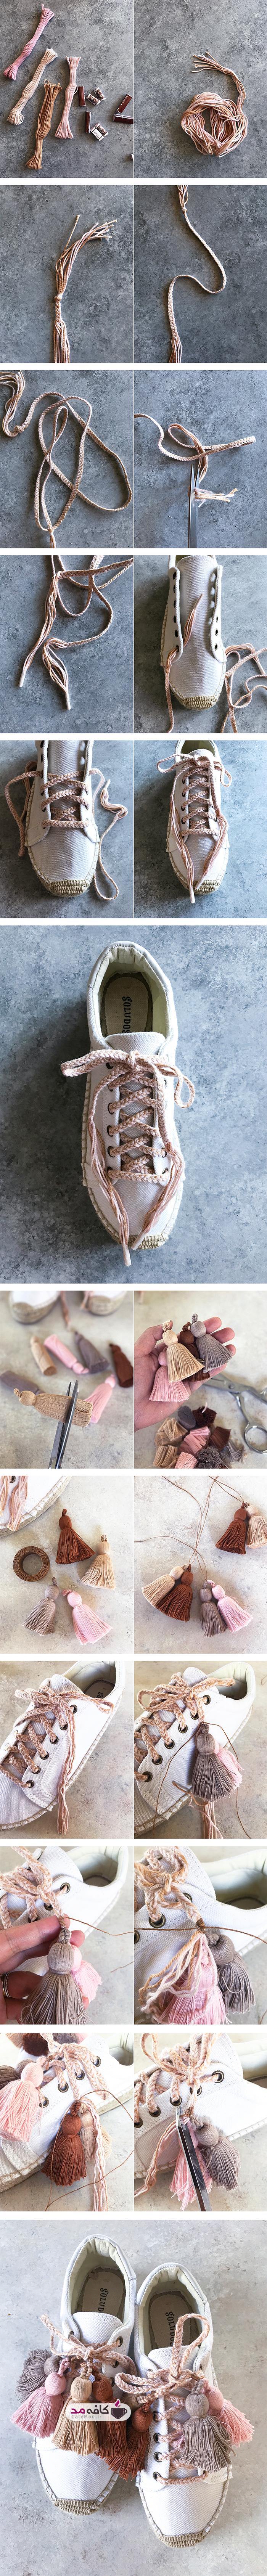 آموزش درست کردن و تزیین بند کفش